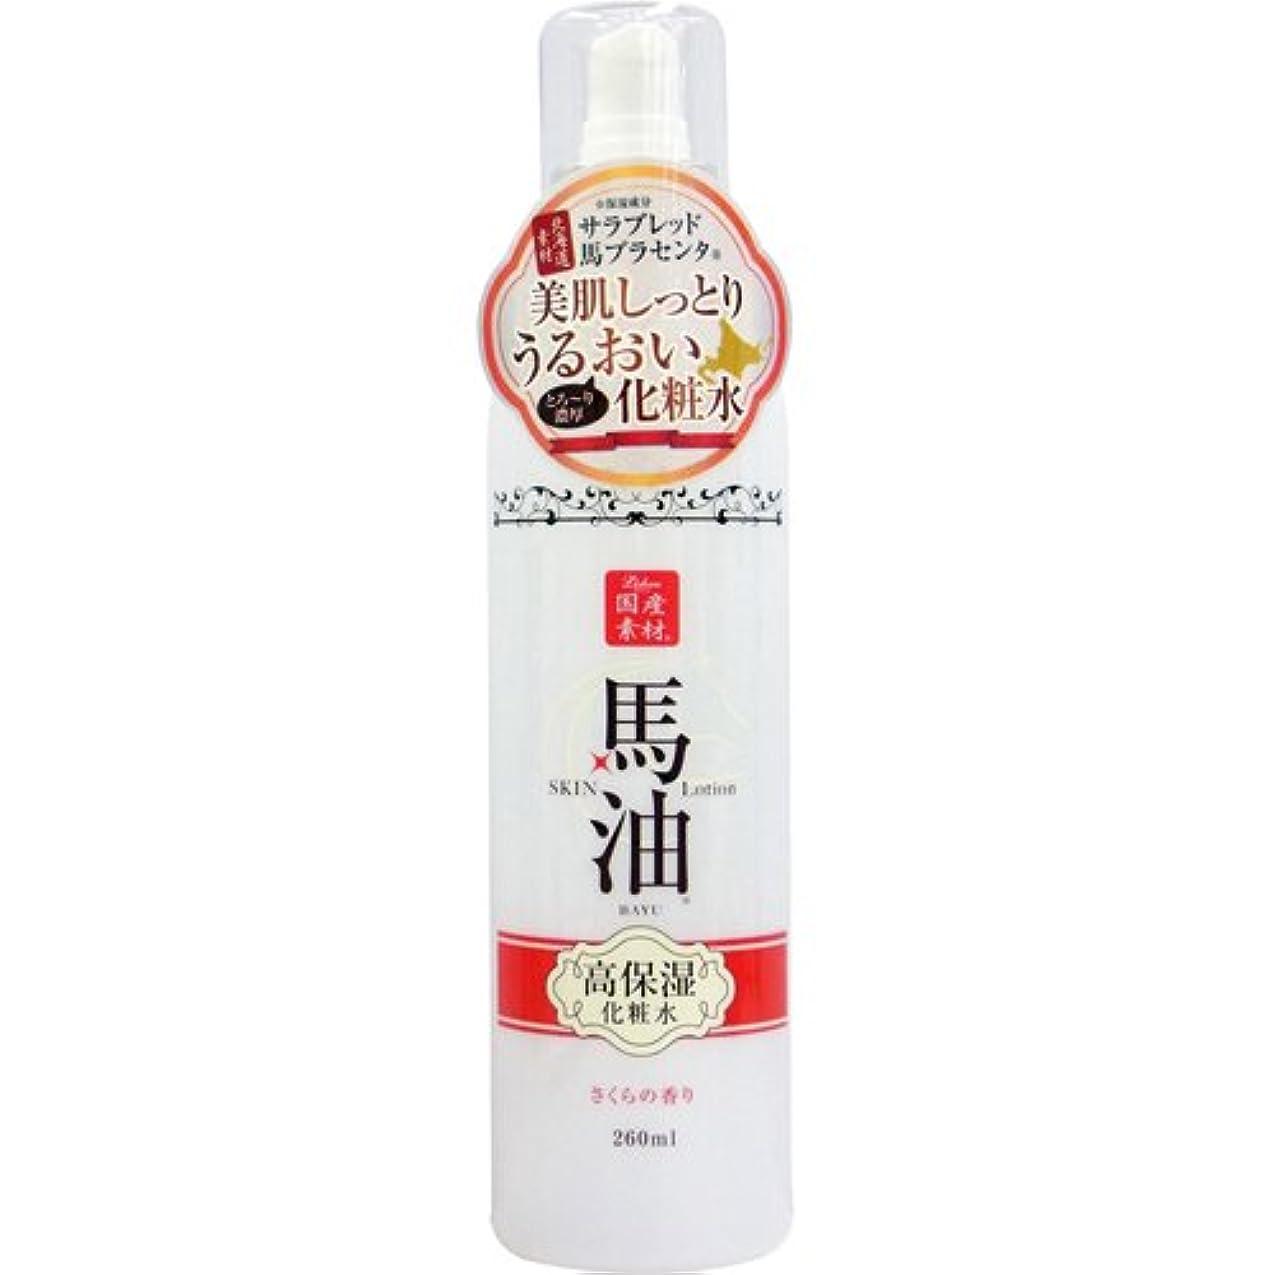 ジャンプする長老論理的にリシャン 馬油化粧水 (さくらの香り) (260mL)